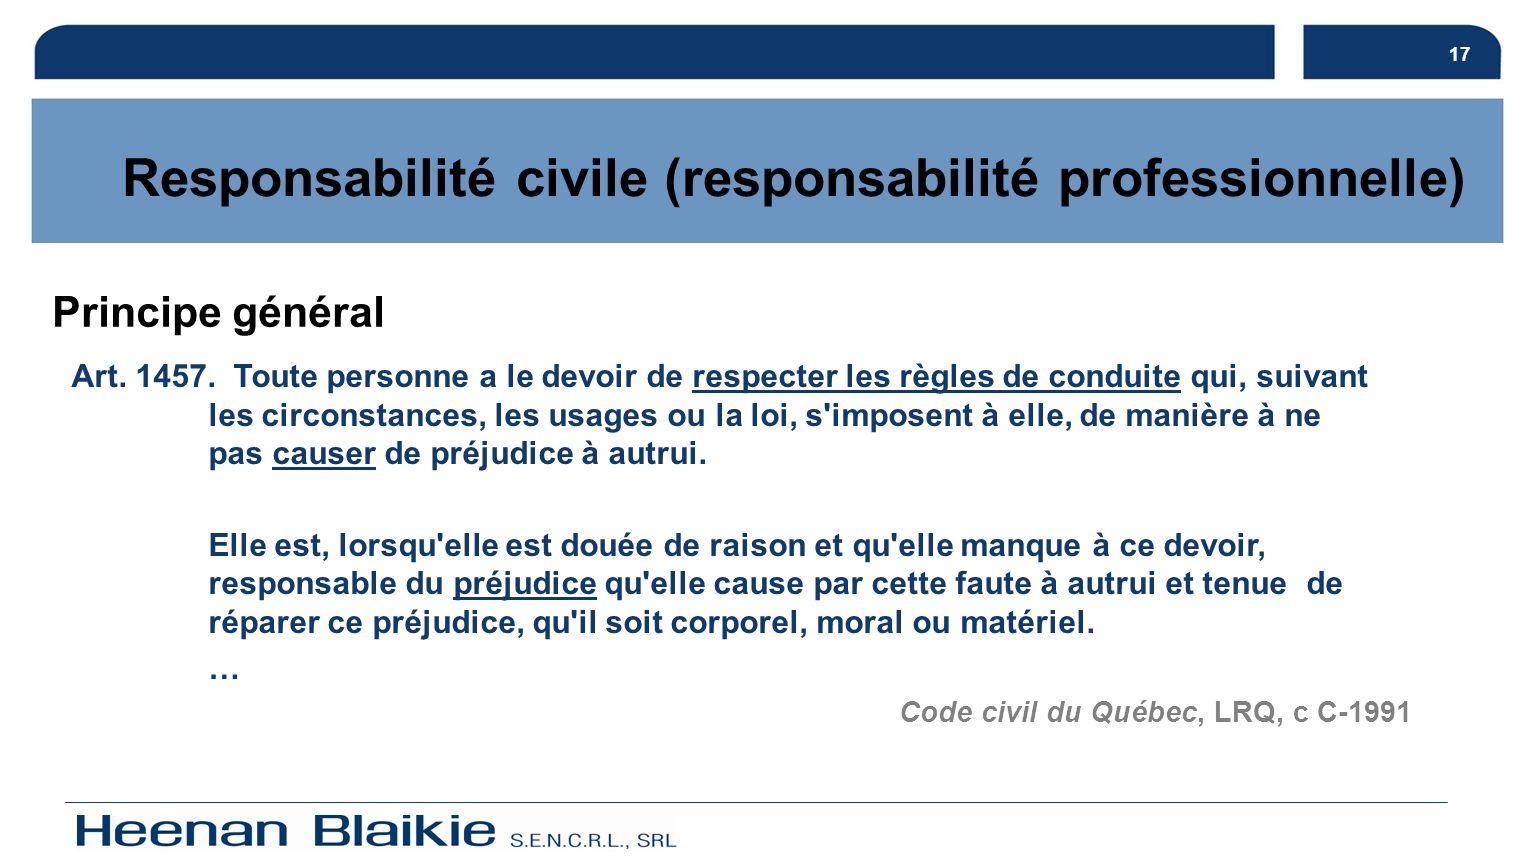 Responsabilité civile (responsabilité professionnelle)